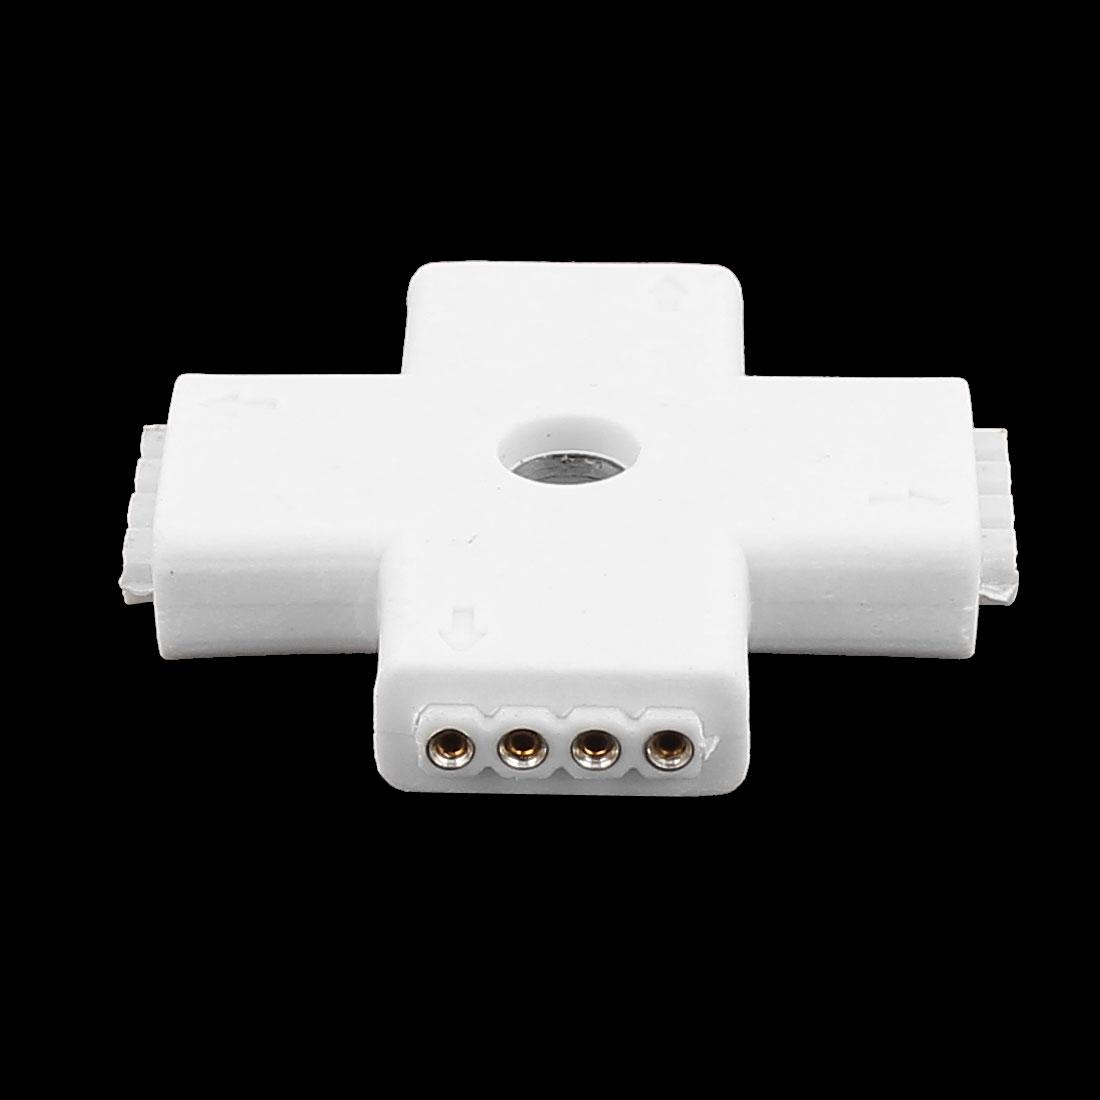 3Pcs Croix 4 Voie 4P Blanc connecteurfemelle 5050 Bande Lampe LED RGBW - image 2 de 3